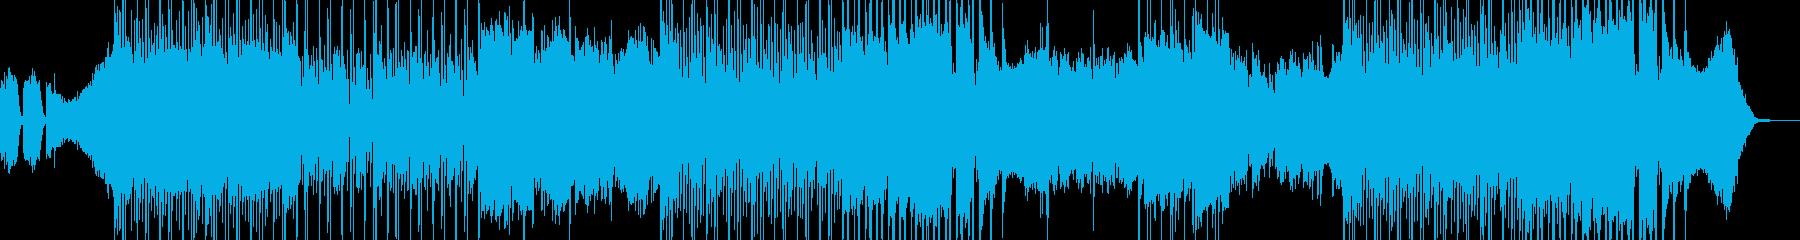 ひどく暗い気持ちにさせるBGMの再生済みの波形